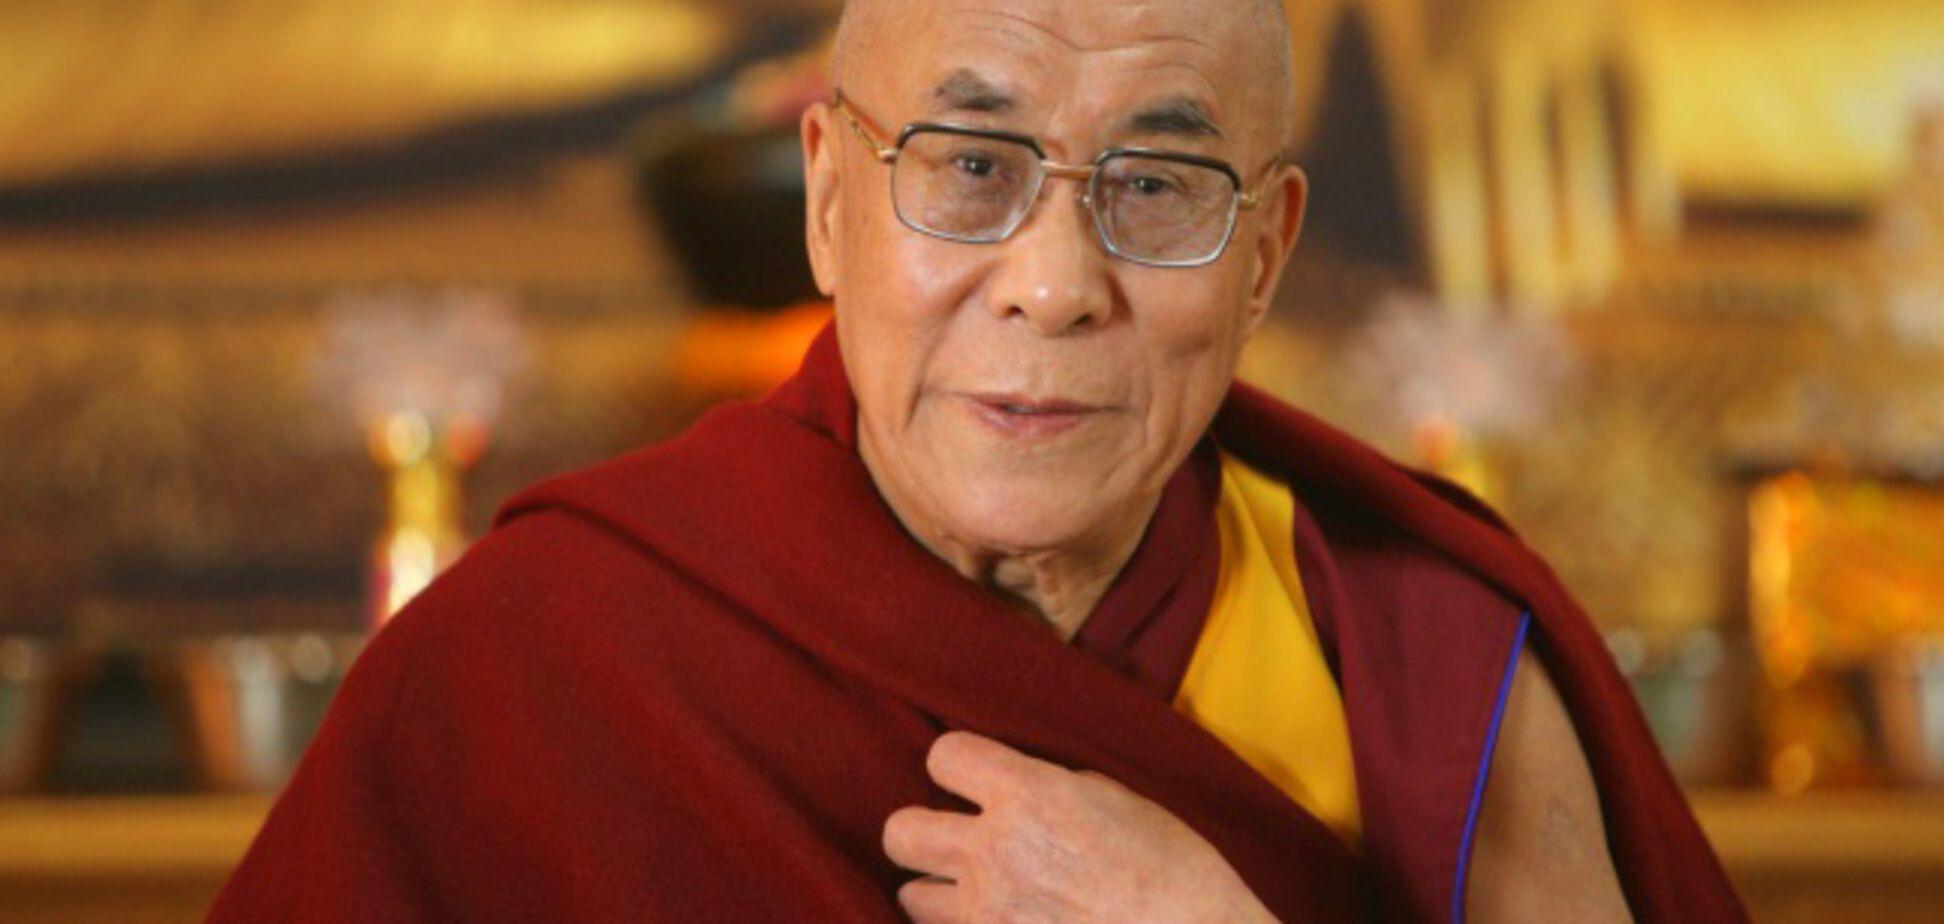 Загине все живе: Далай-лама розповів про Третю світову війну